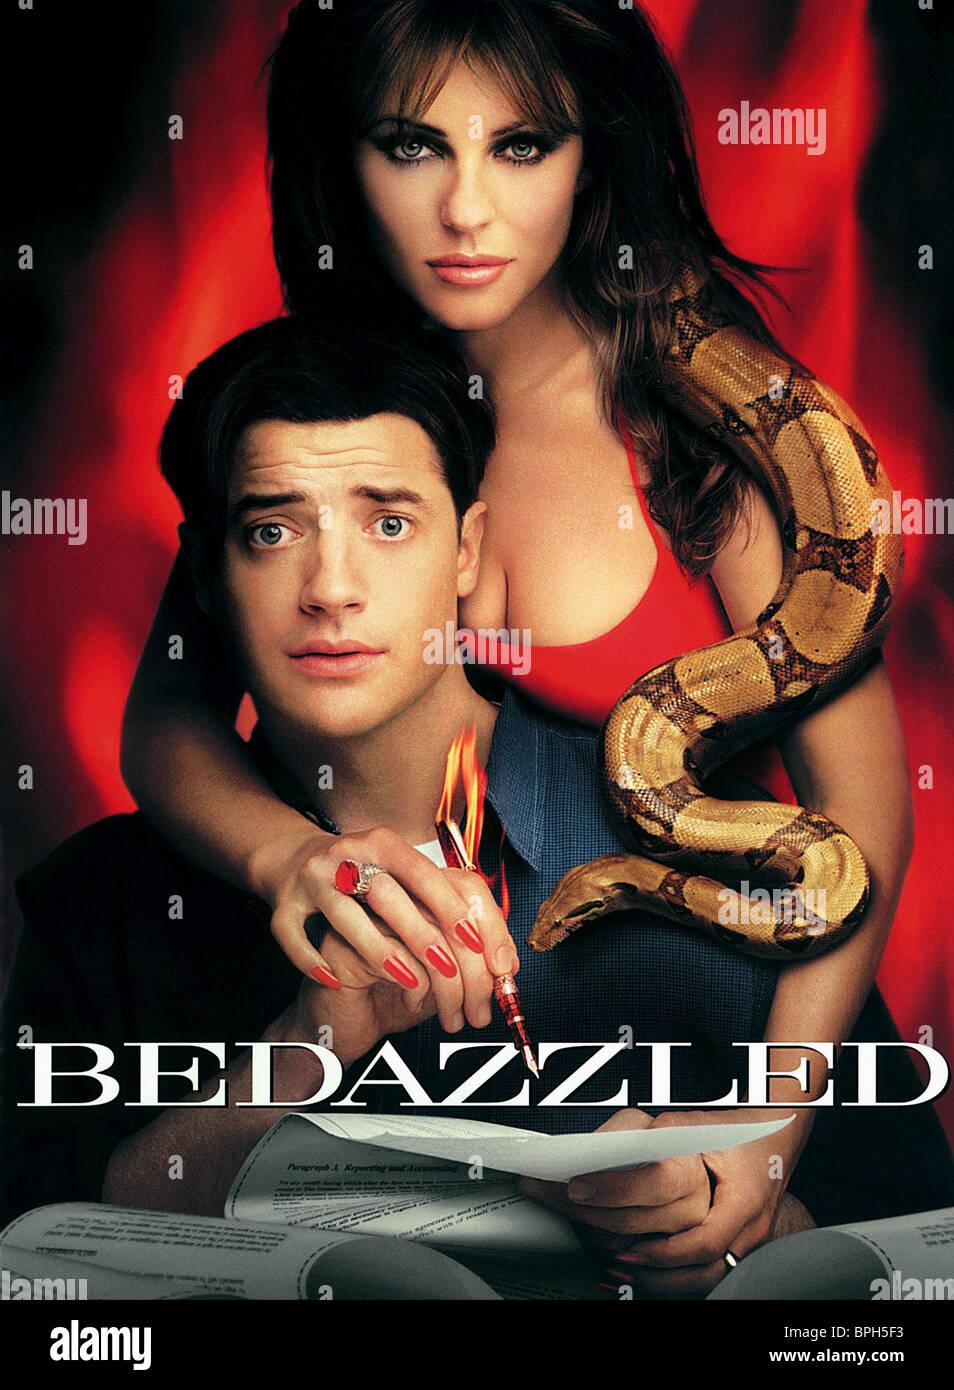 LIZ HURLEY & BRENDAN FRAZER BEDAZZLED (2000) - Stock Image